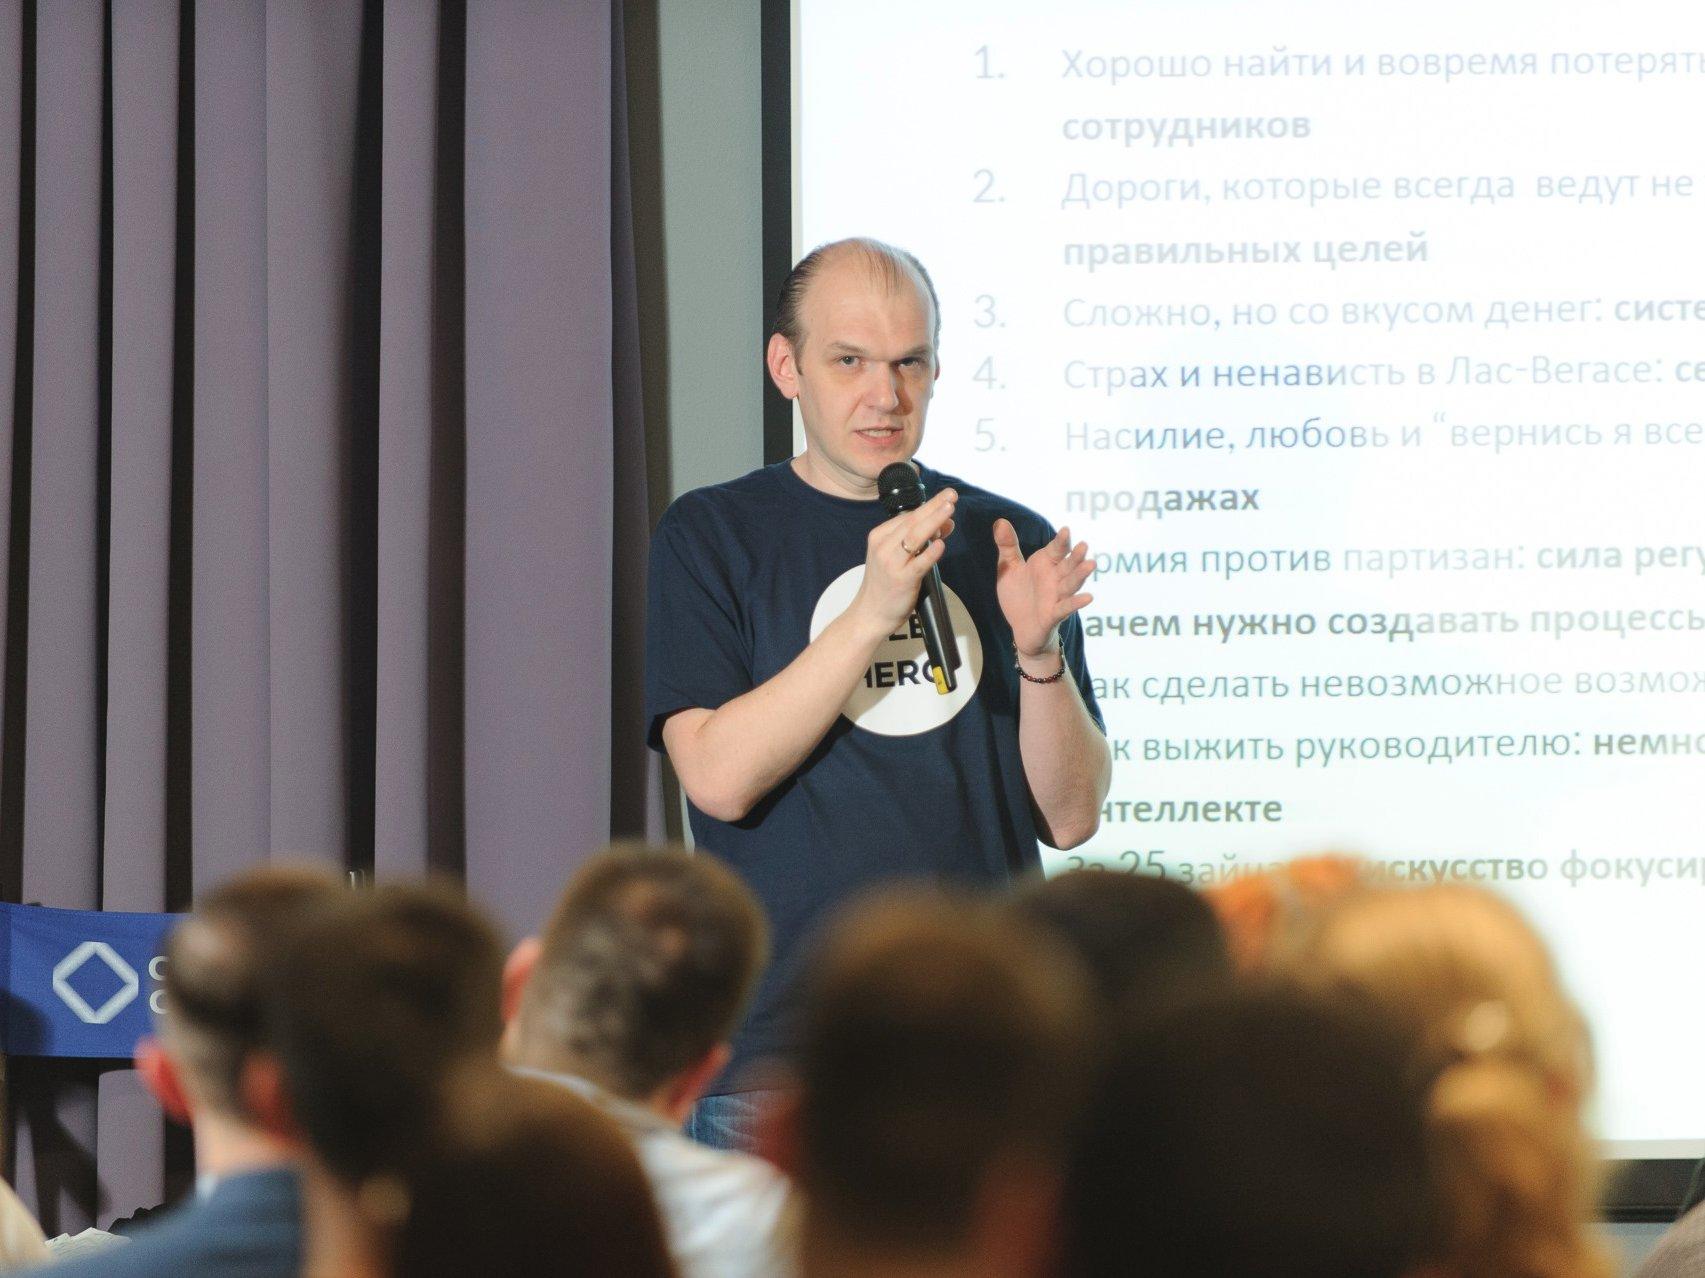 Антон Черкасов